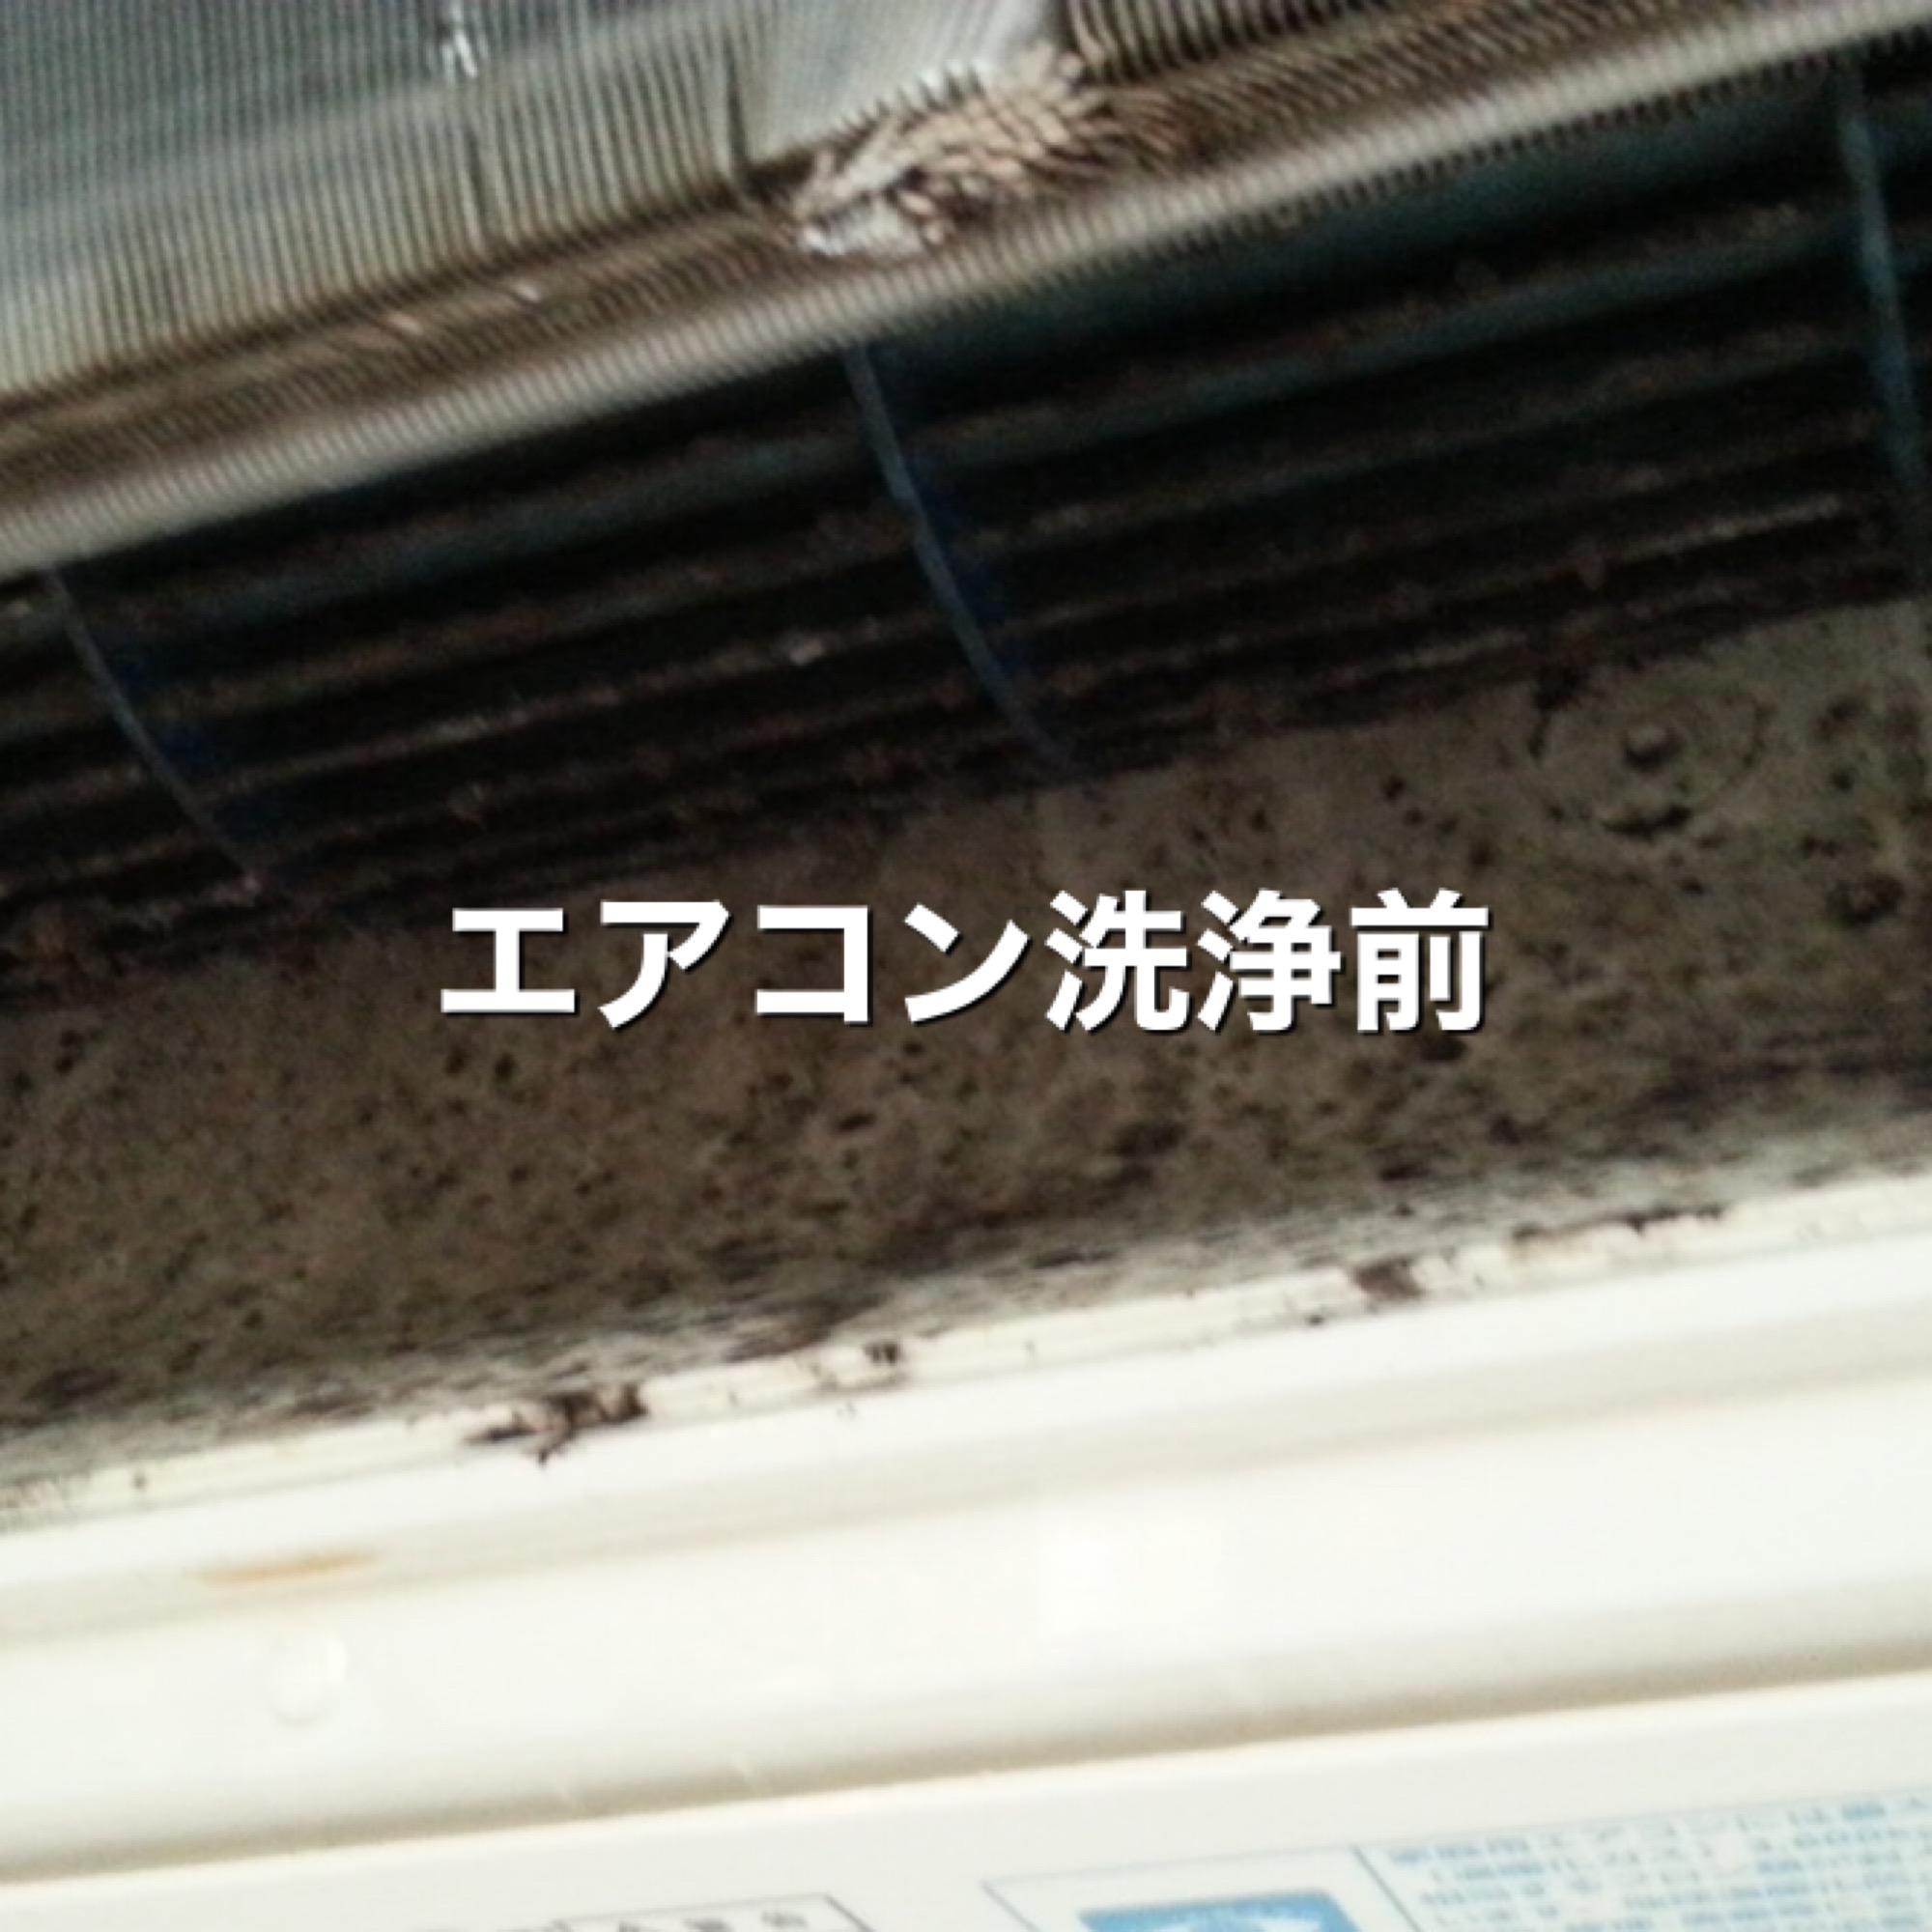 エアコン洗浄前